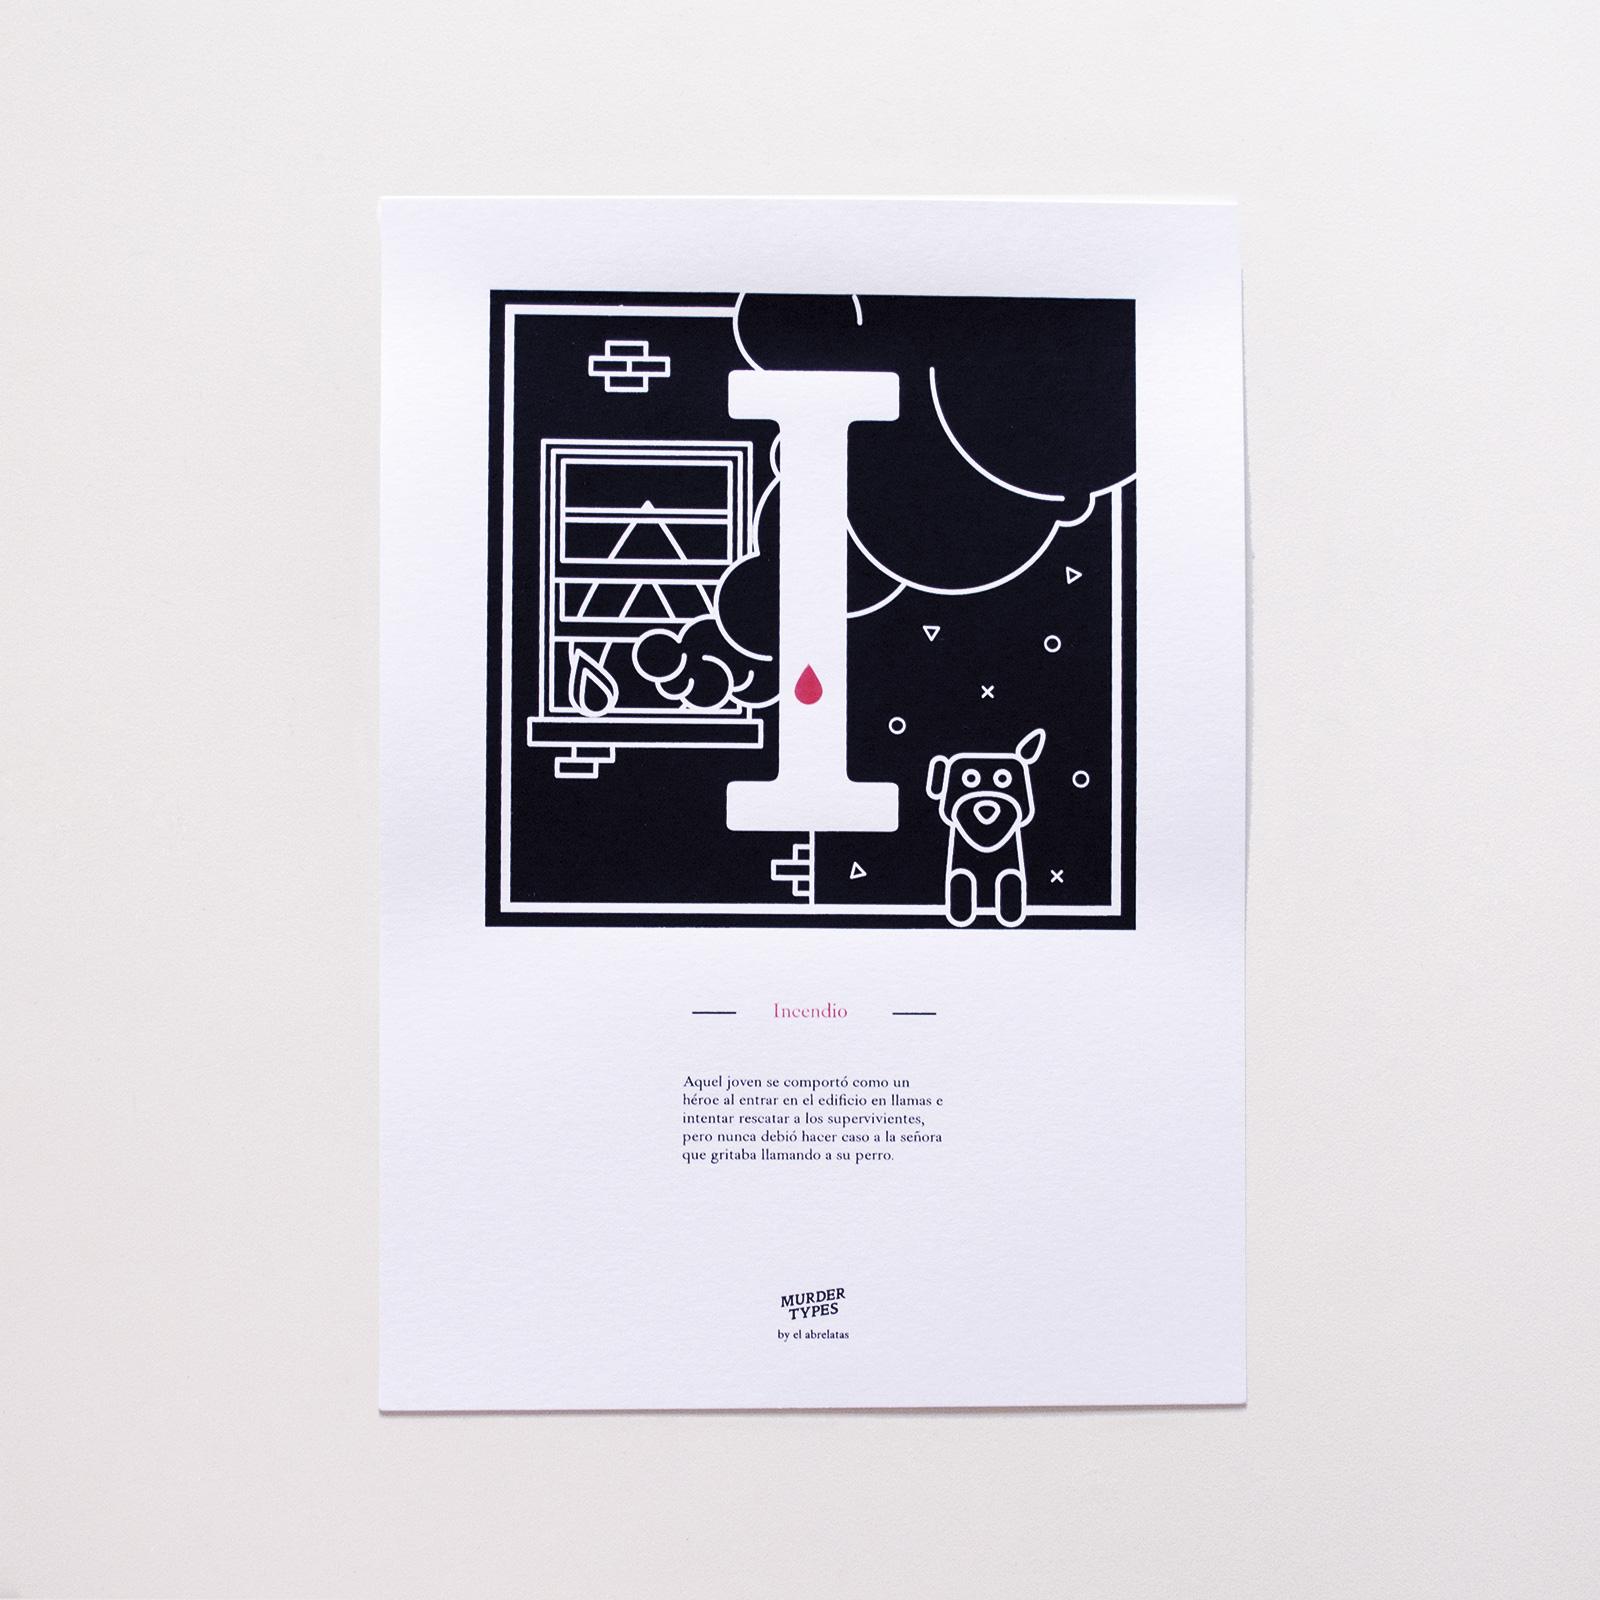 Lámina letra I - Proyecto de autoedición en serigrafía Murder Types